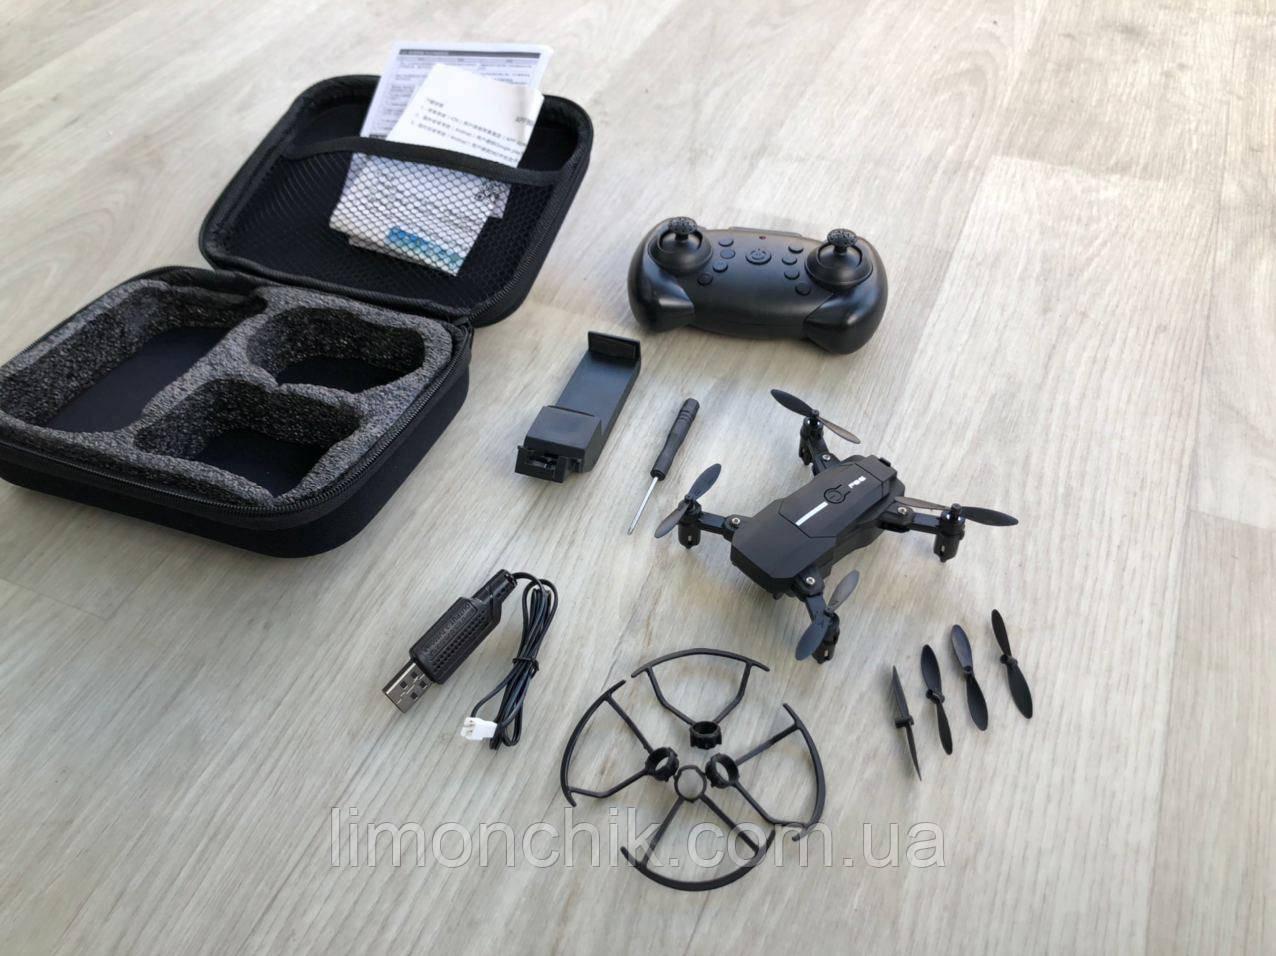 Квадрокоптер Дрон F86 Hd Wi-Fi с камерой 4K складной